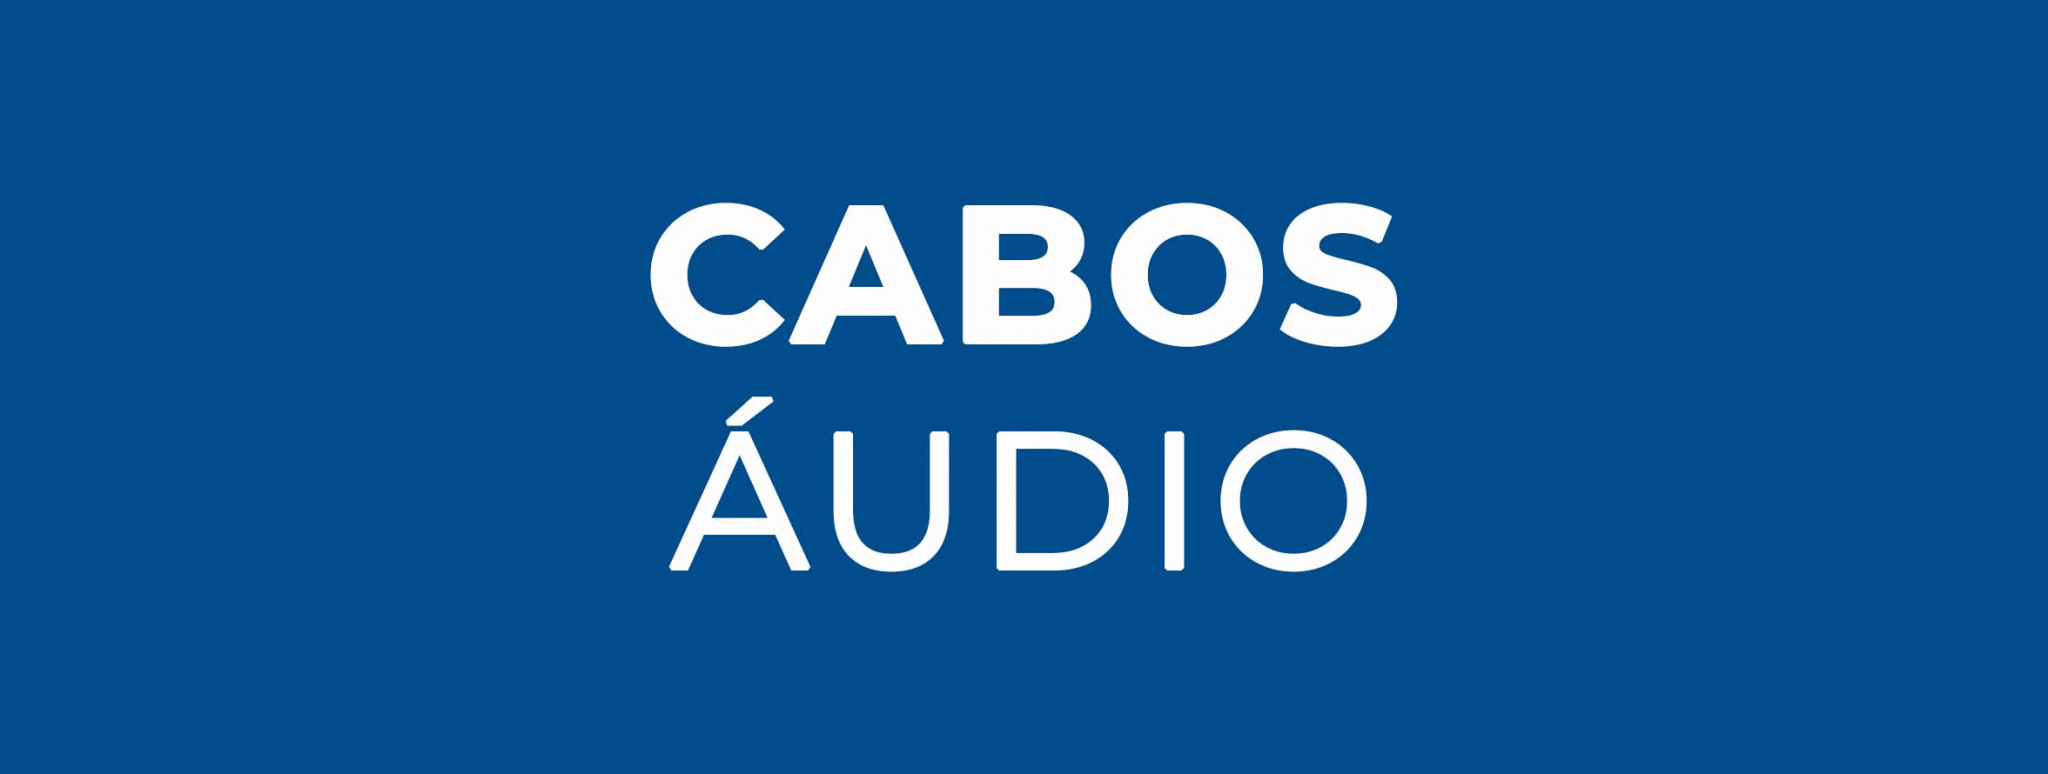 Cabos Áudio